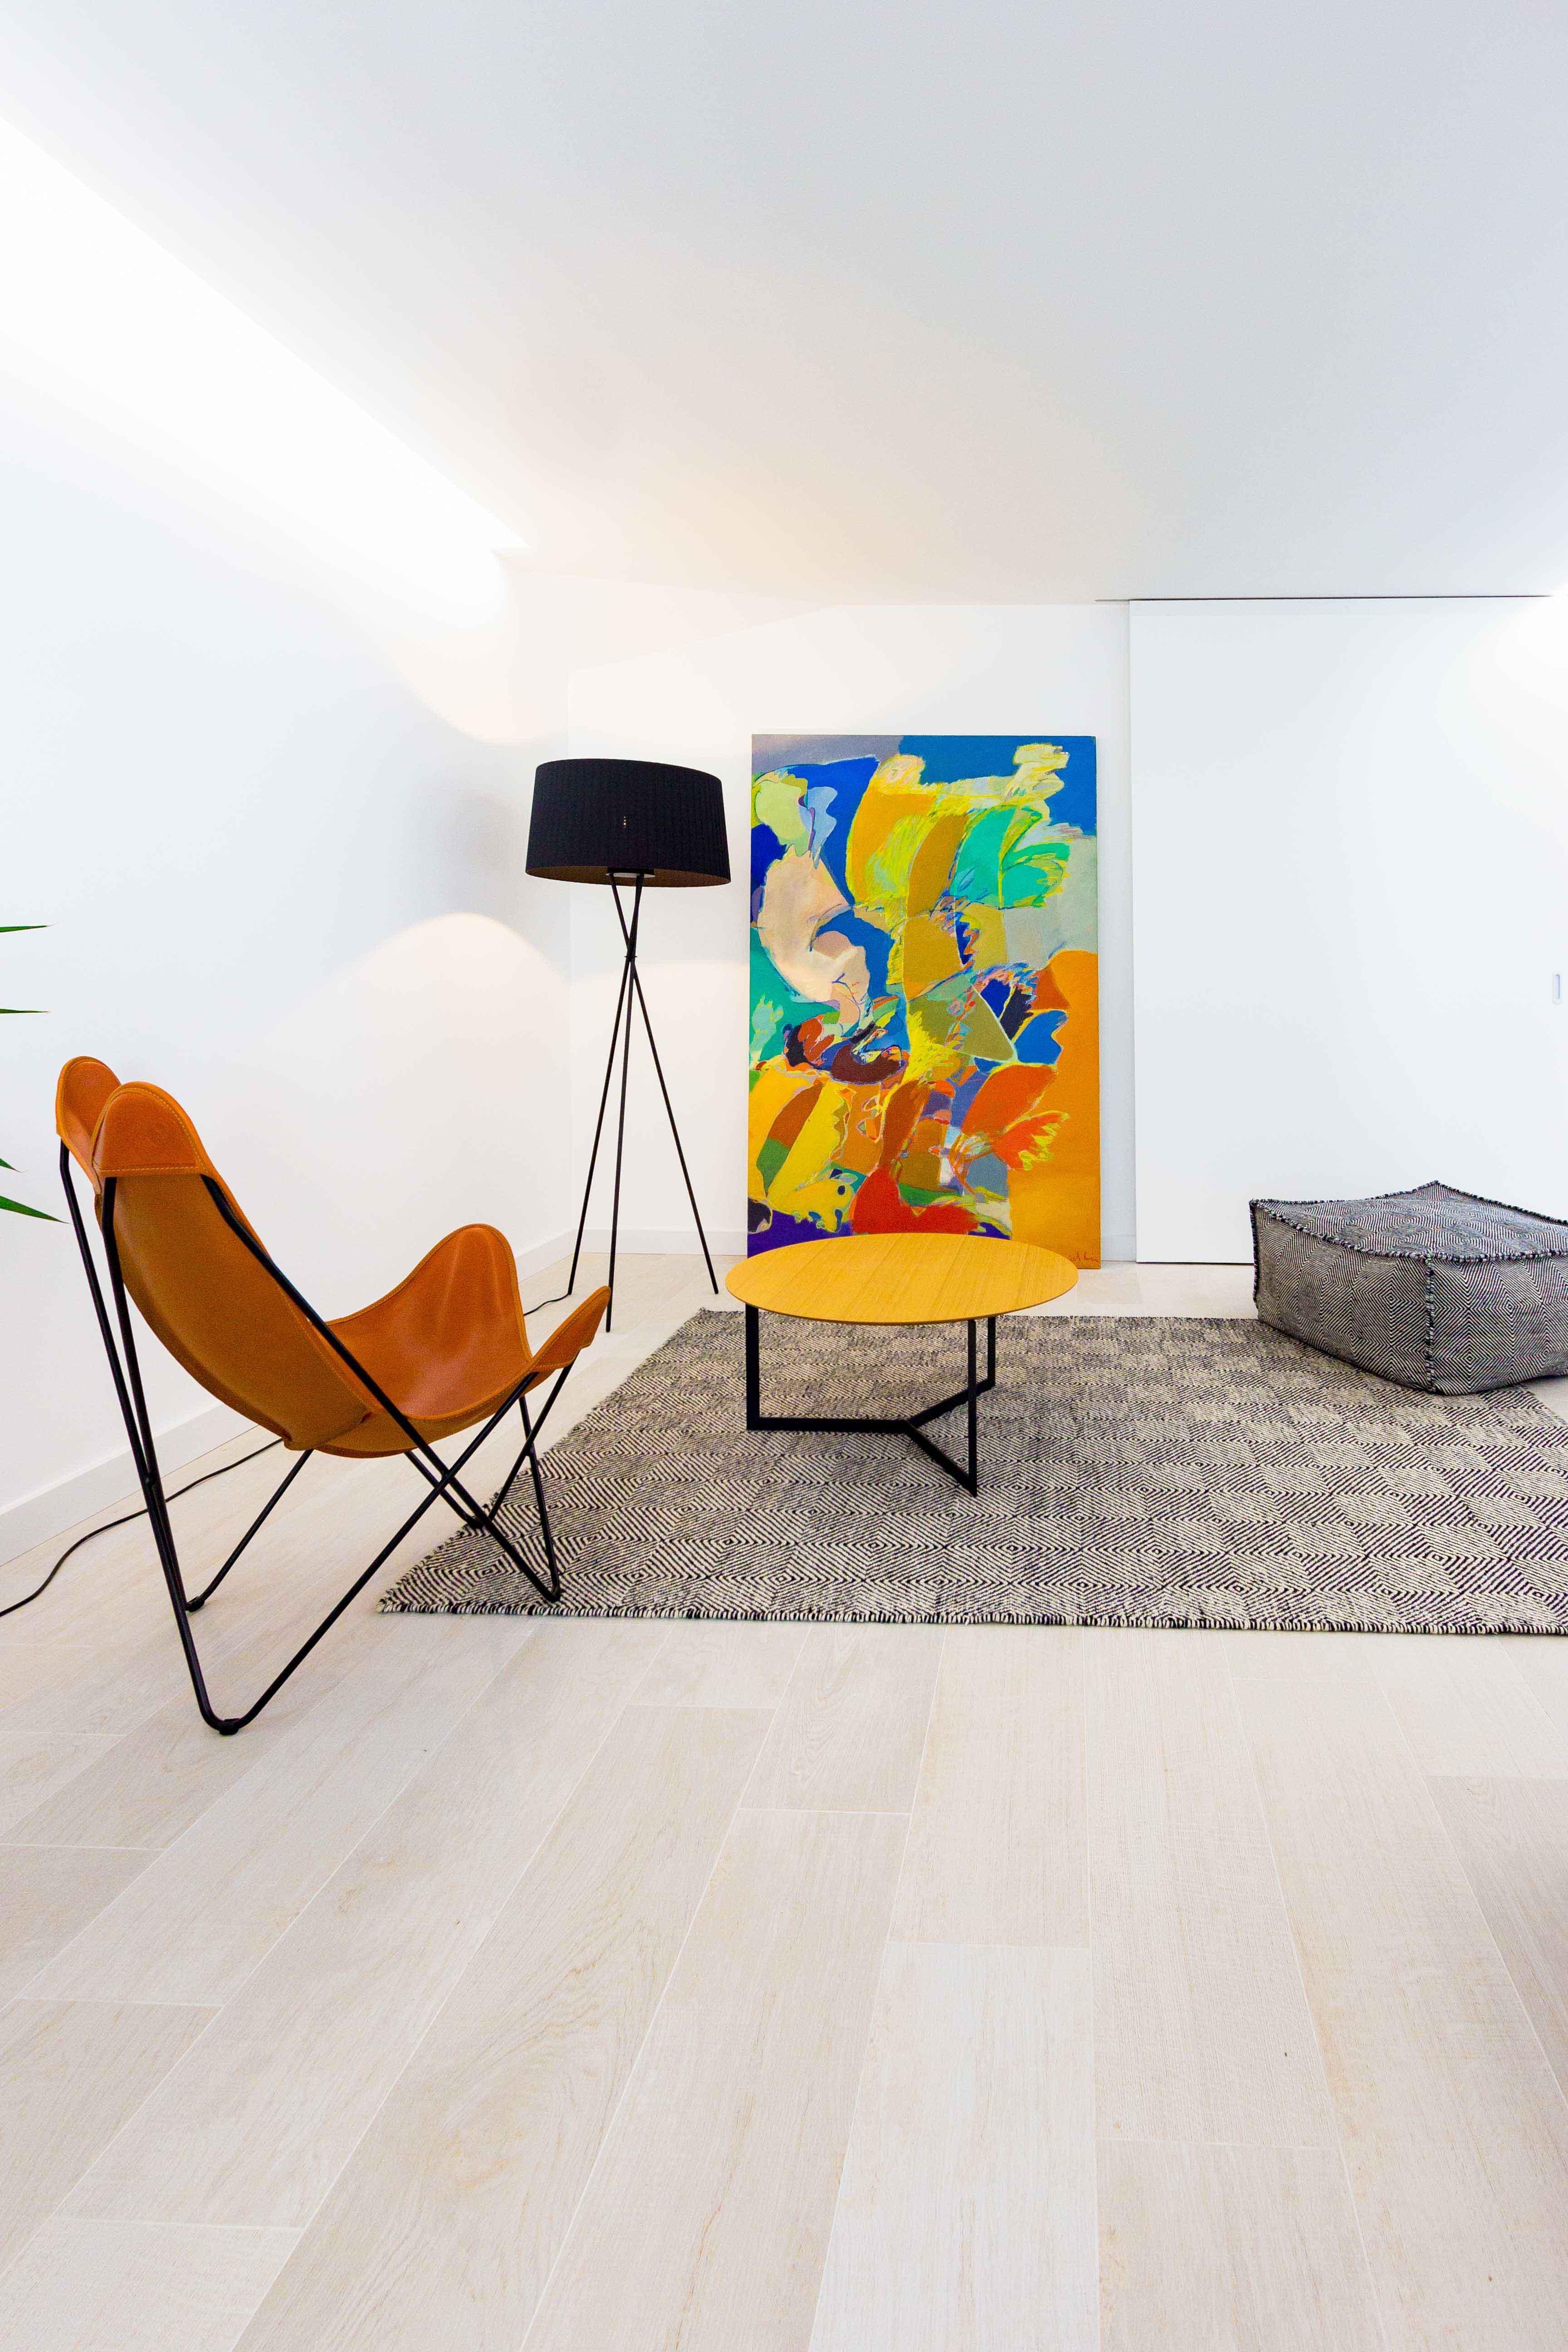 Lampara de pie negra en salon moderno y minimalista. Sillon de cuero con alfombra negra y blanca y puf. Cuadro de gran tamaño abstracto